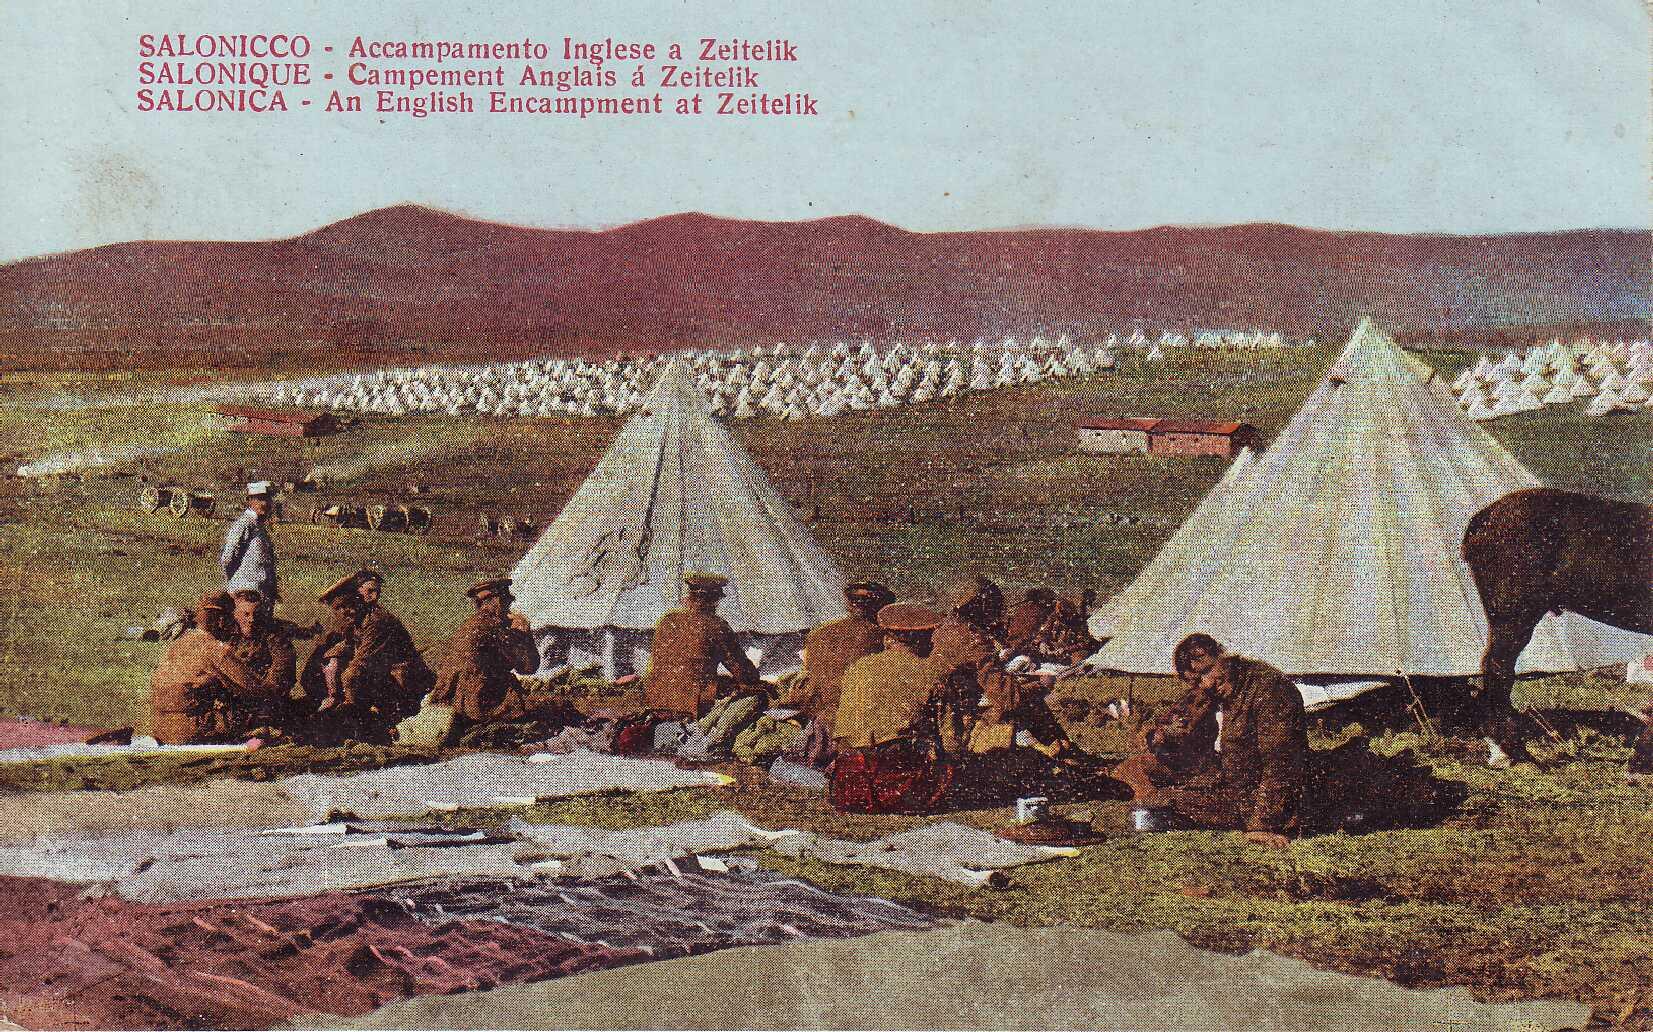 Salonique-Campement-Anglais.jpg